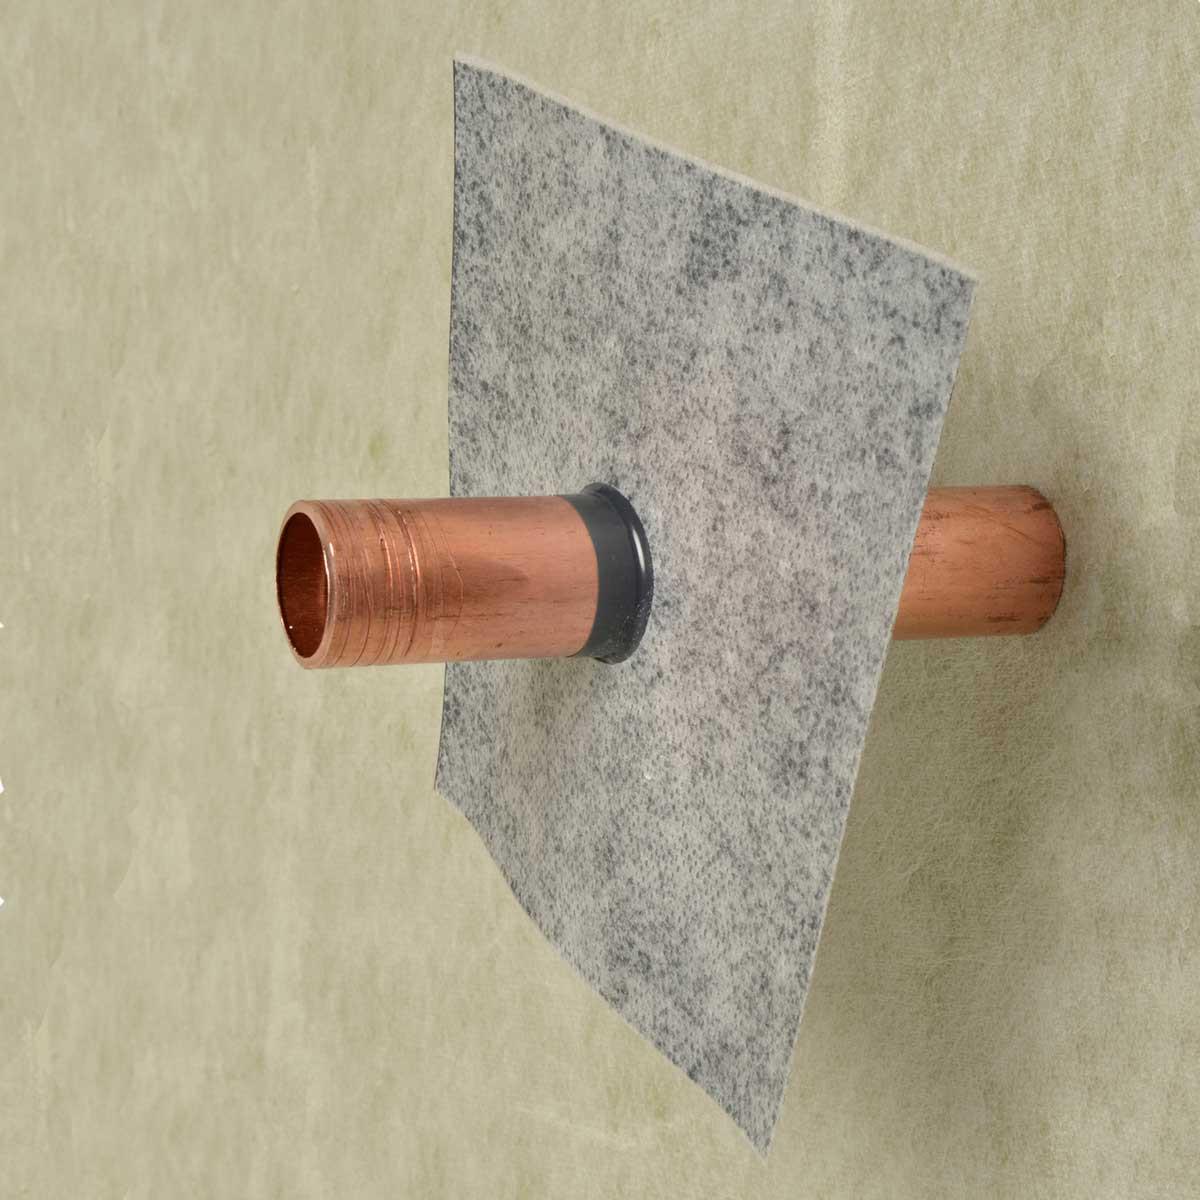 Hydro Ban Pipe Collar wall mount